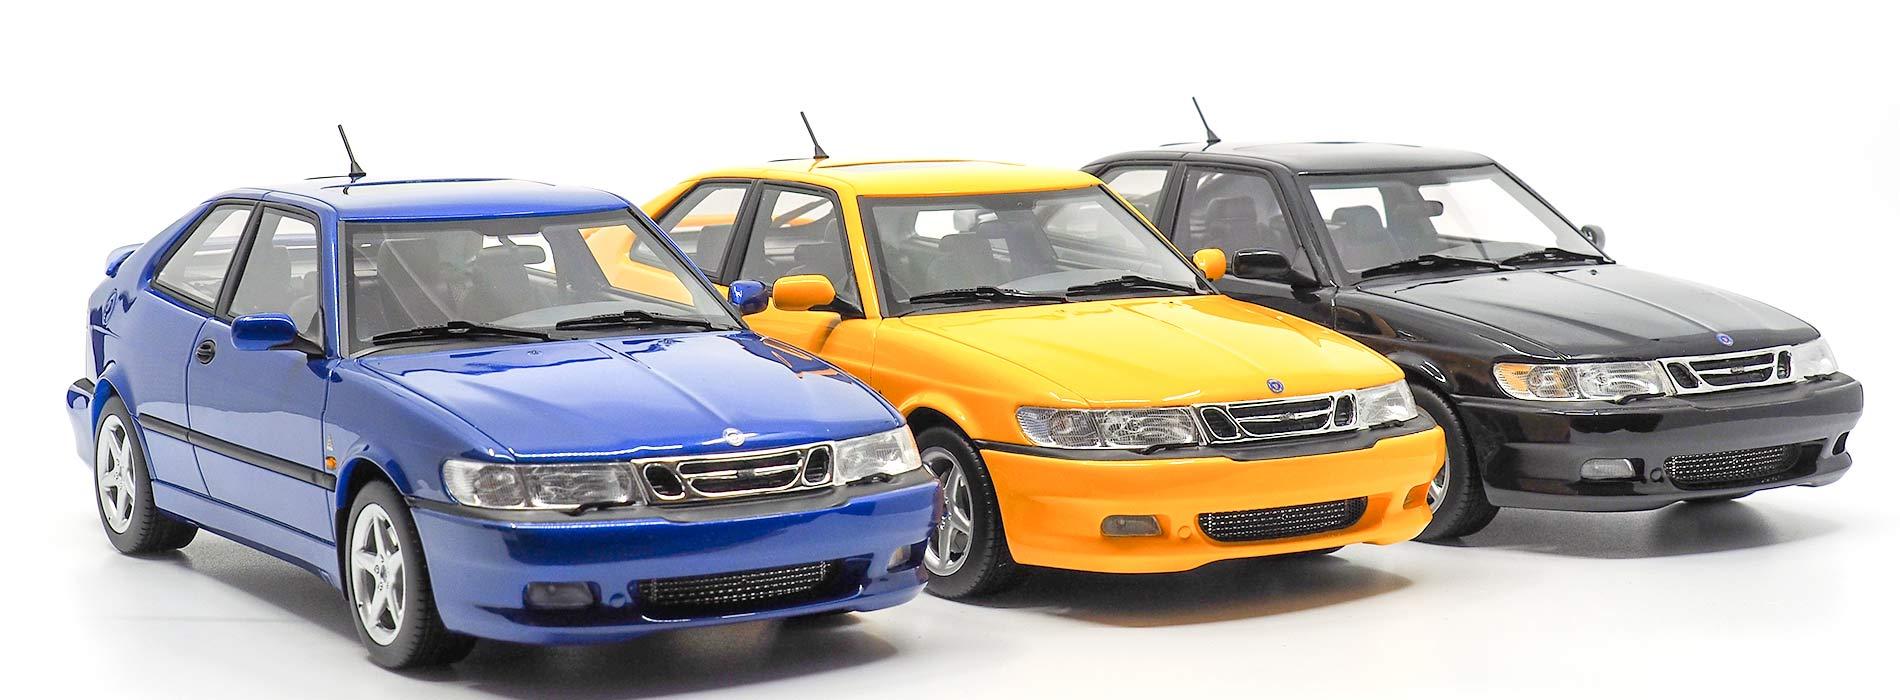 Saab 9-3 viggen coupe